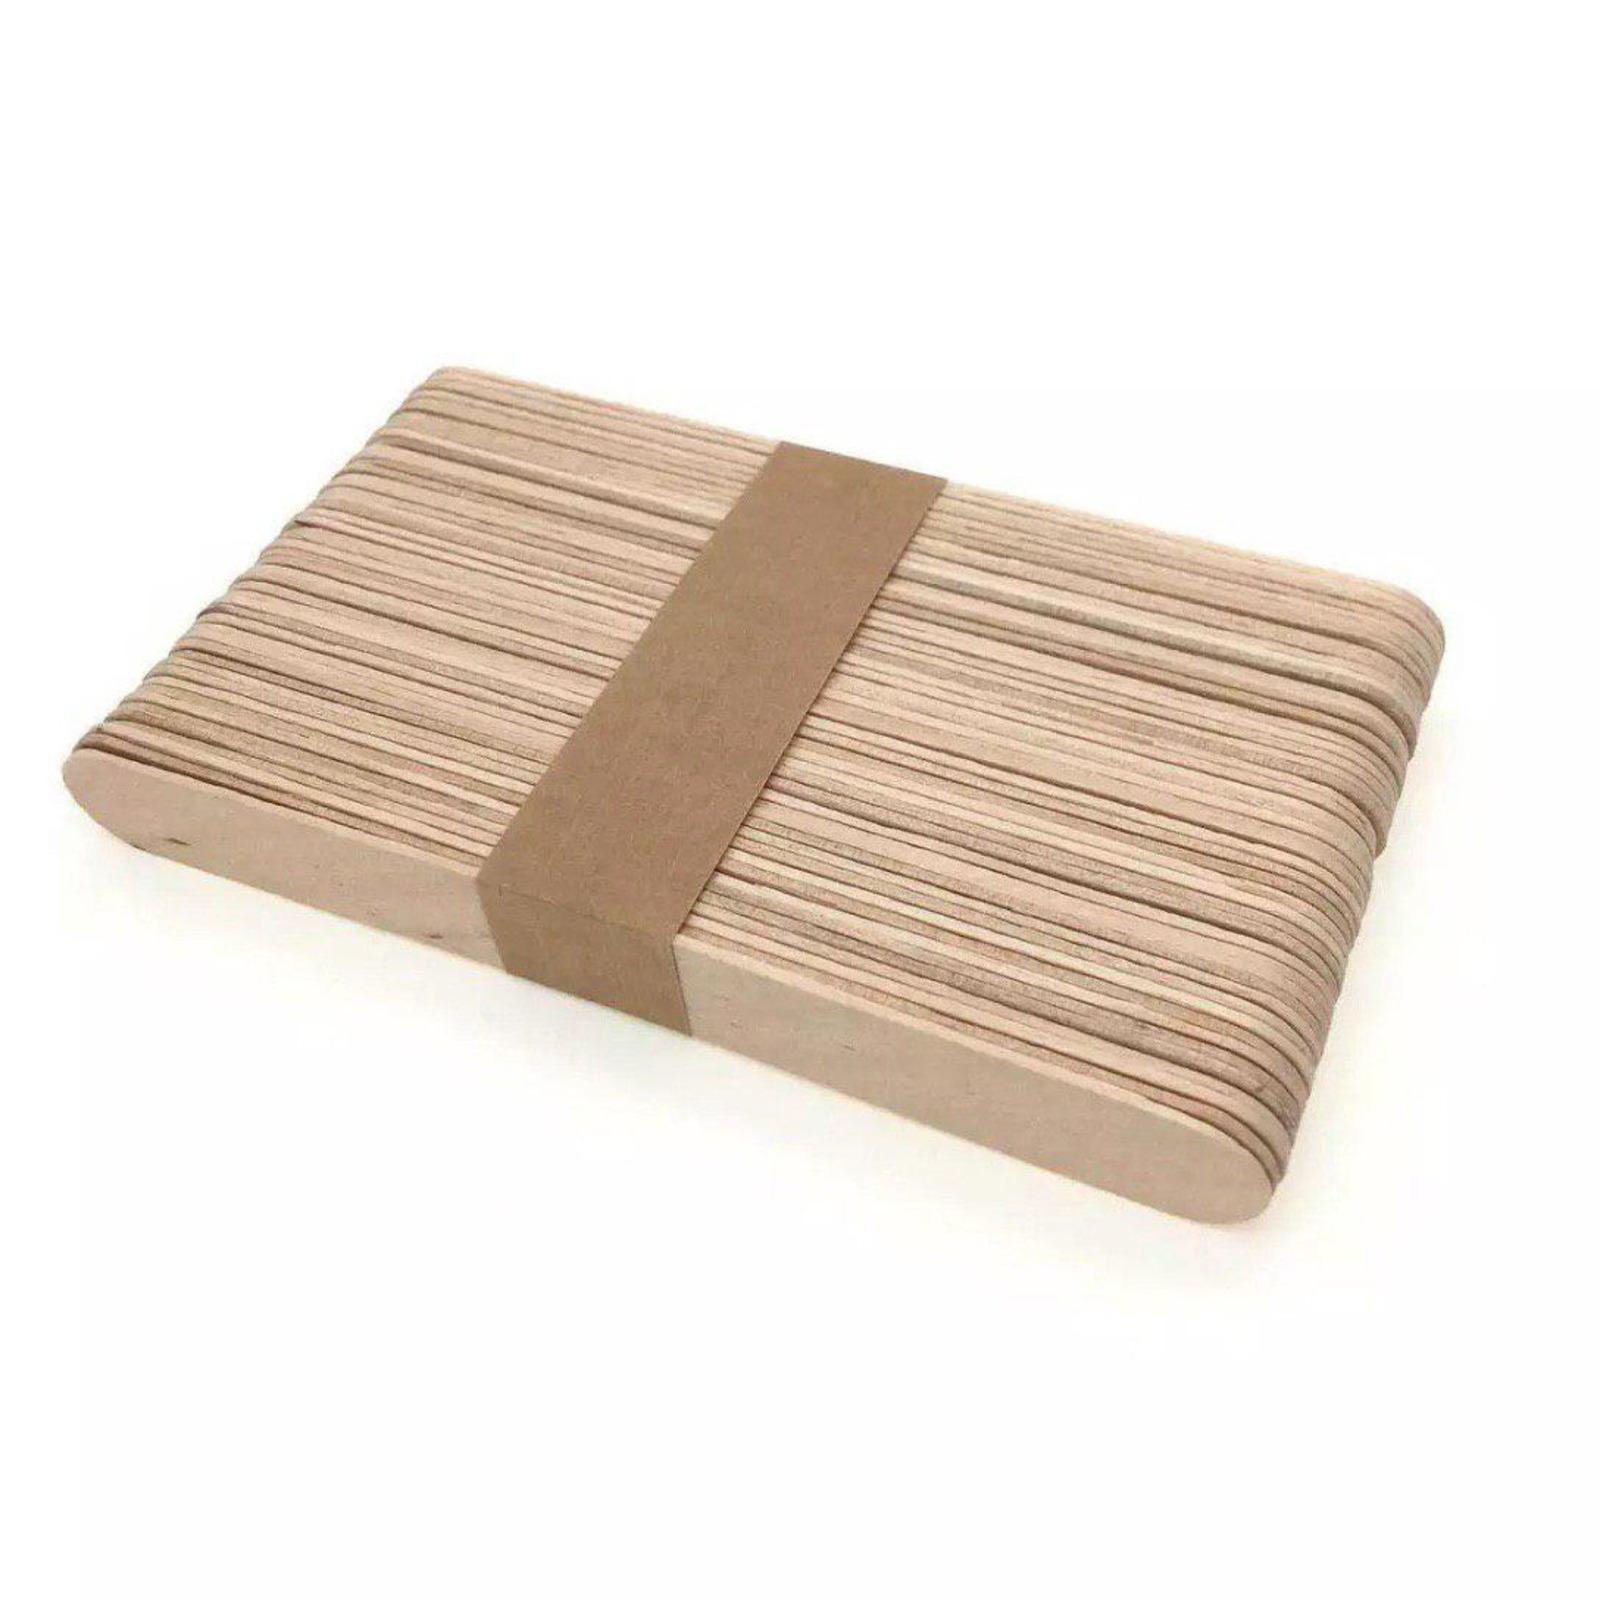 Mtrade Jumbo Ice Cream Craft Sticks - Wooden